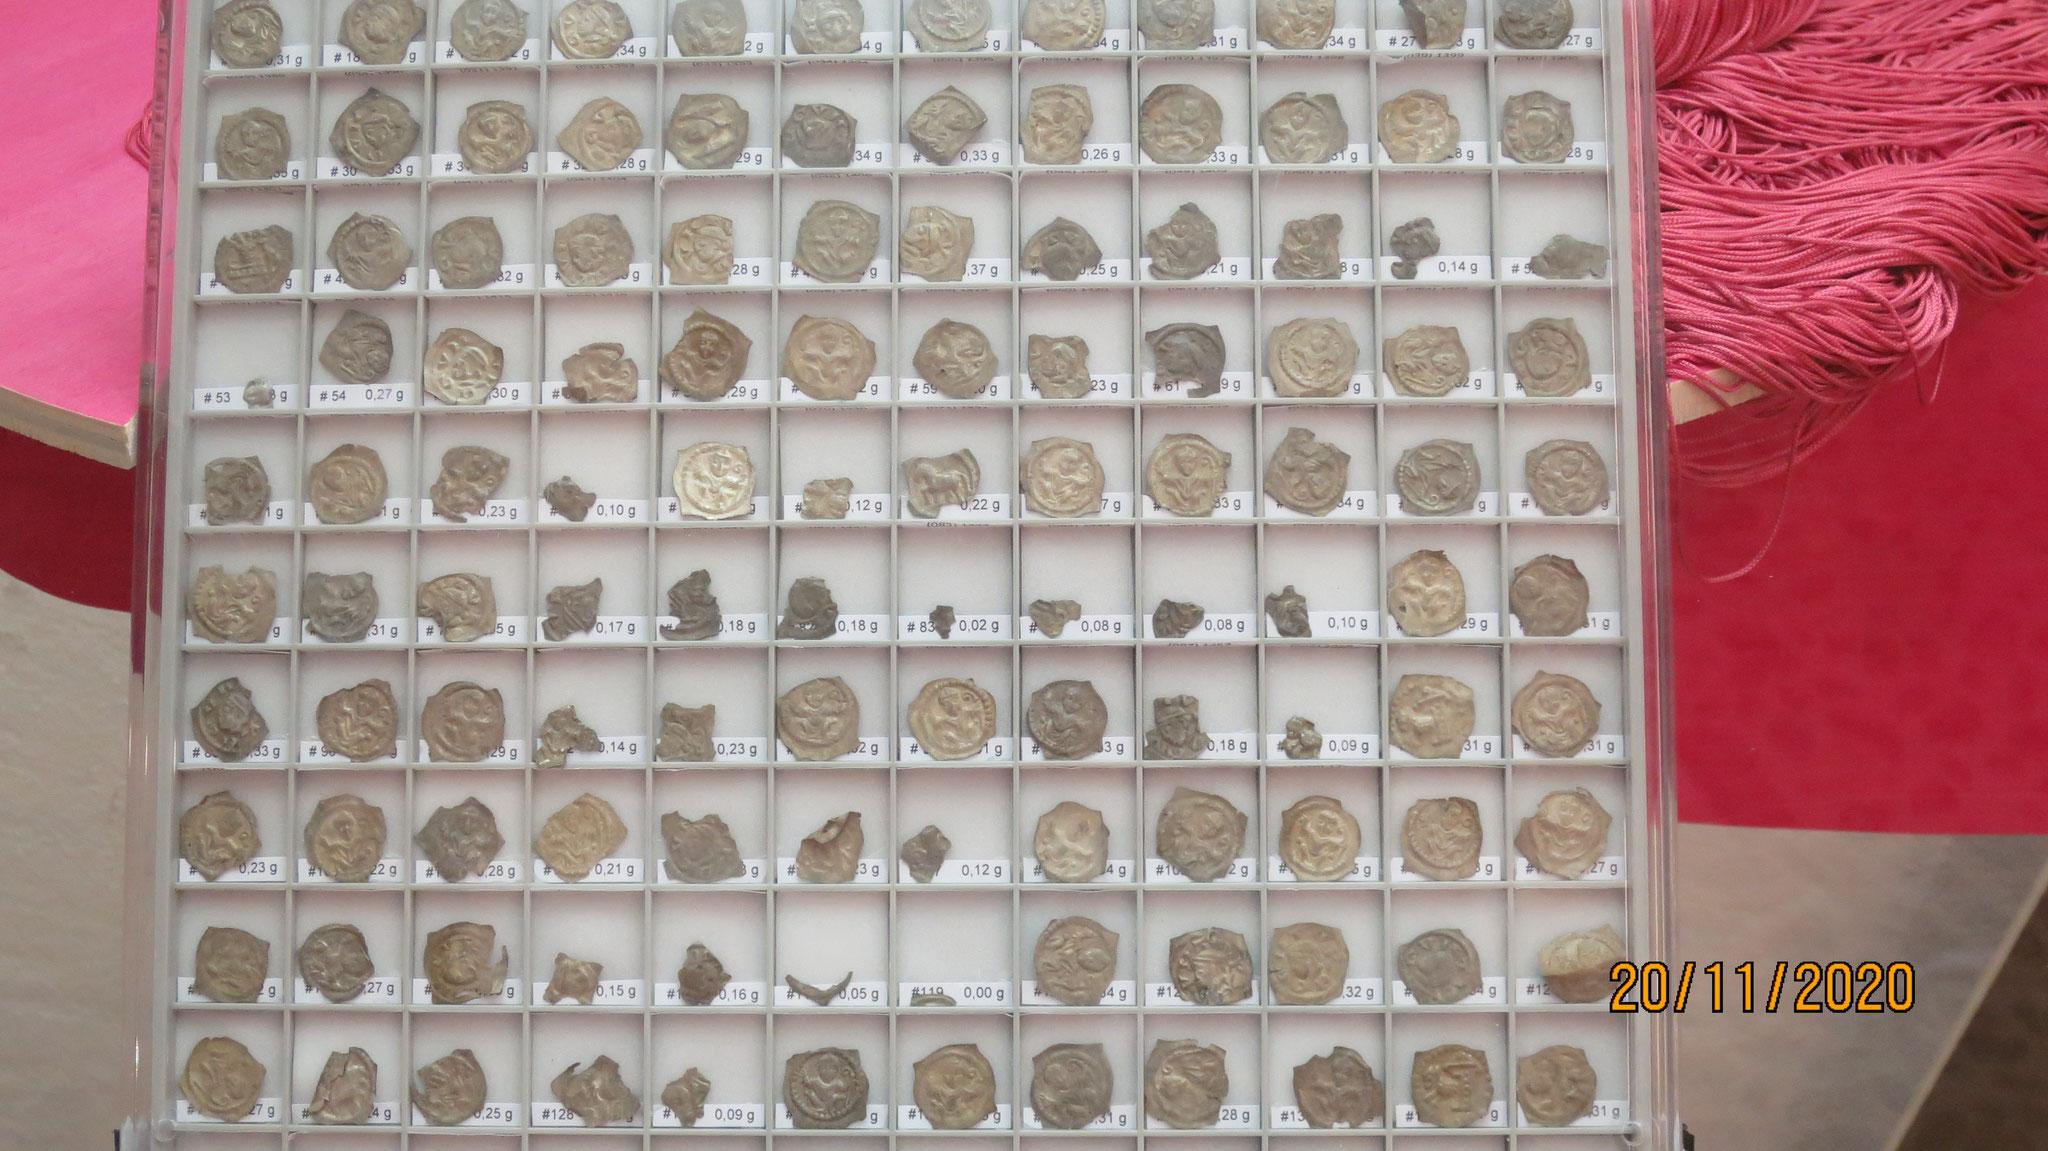 Unser Präsident entdeckte den Silberschatz vom Brünig-132 Silbermünzen. Auf davon 77 ist der Bischof von Basel, Heinrich von Isny, abgebildet.